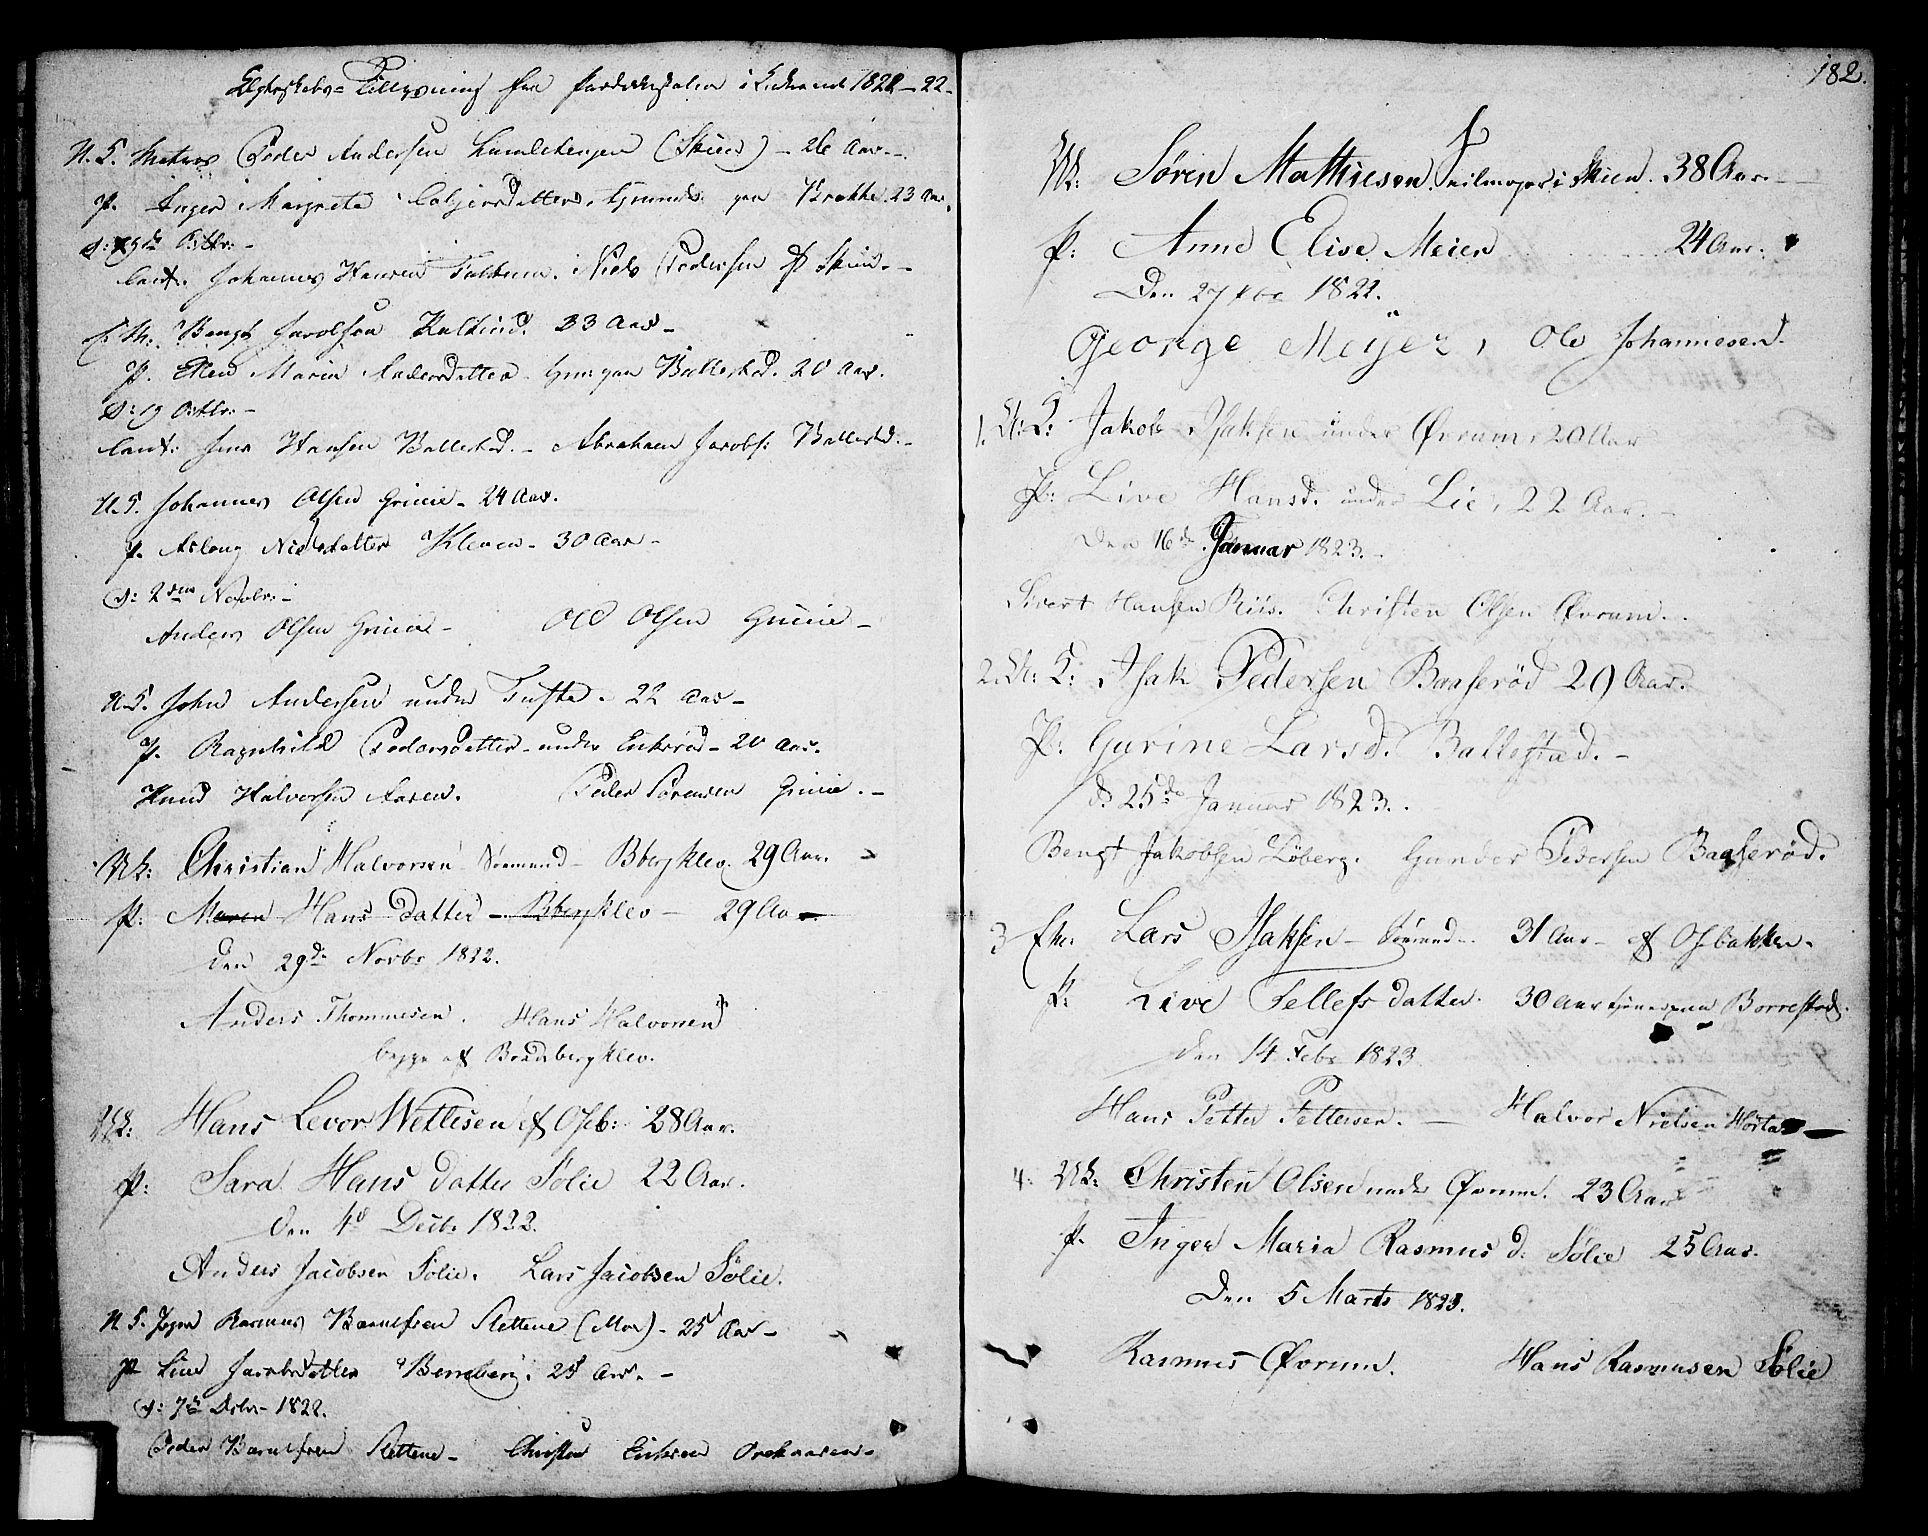 SAKO, Gjerpen kirkebøker, F/Fa/L0003: Ministerialbok nr. 3, 1796-1814, s. 182